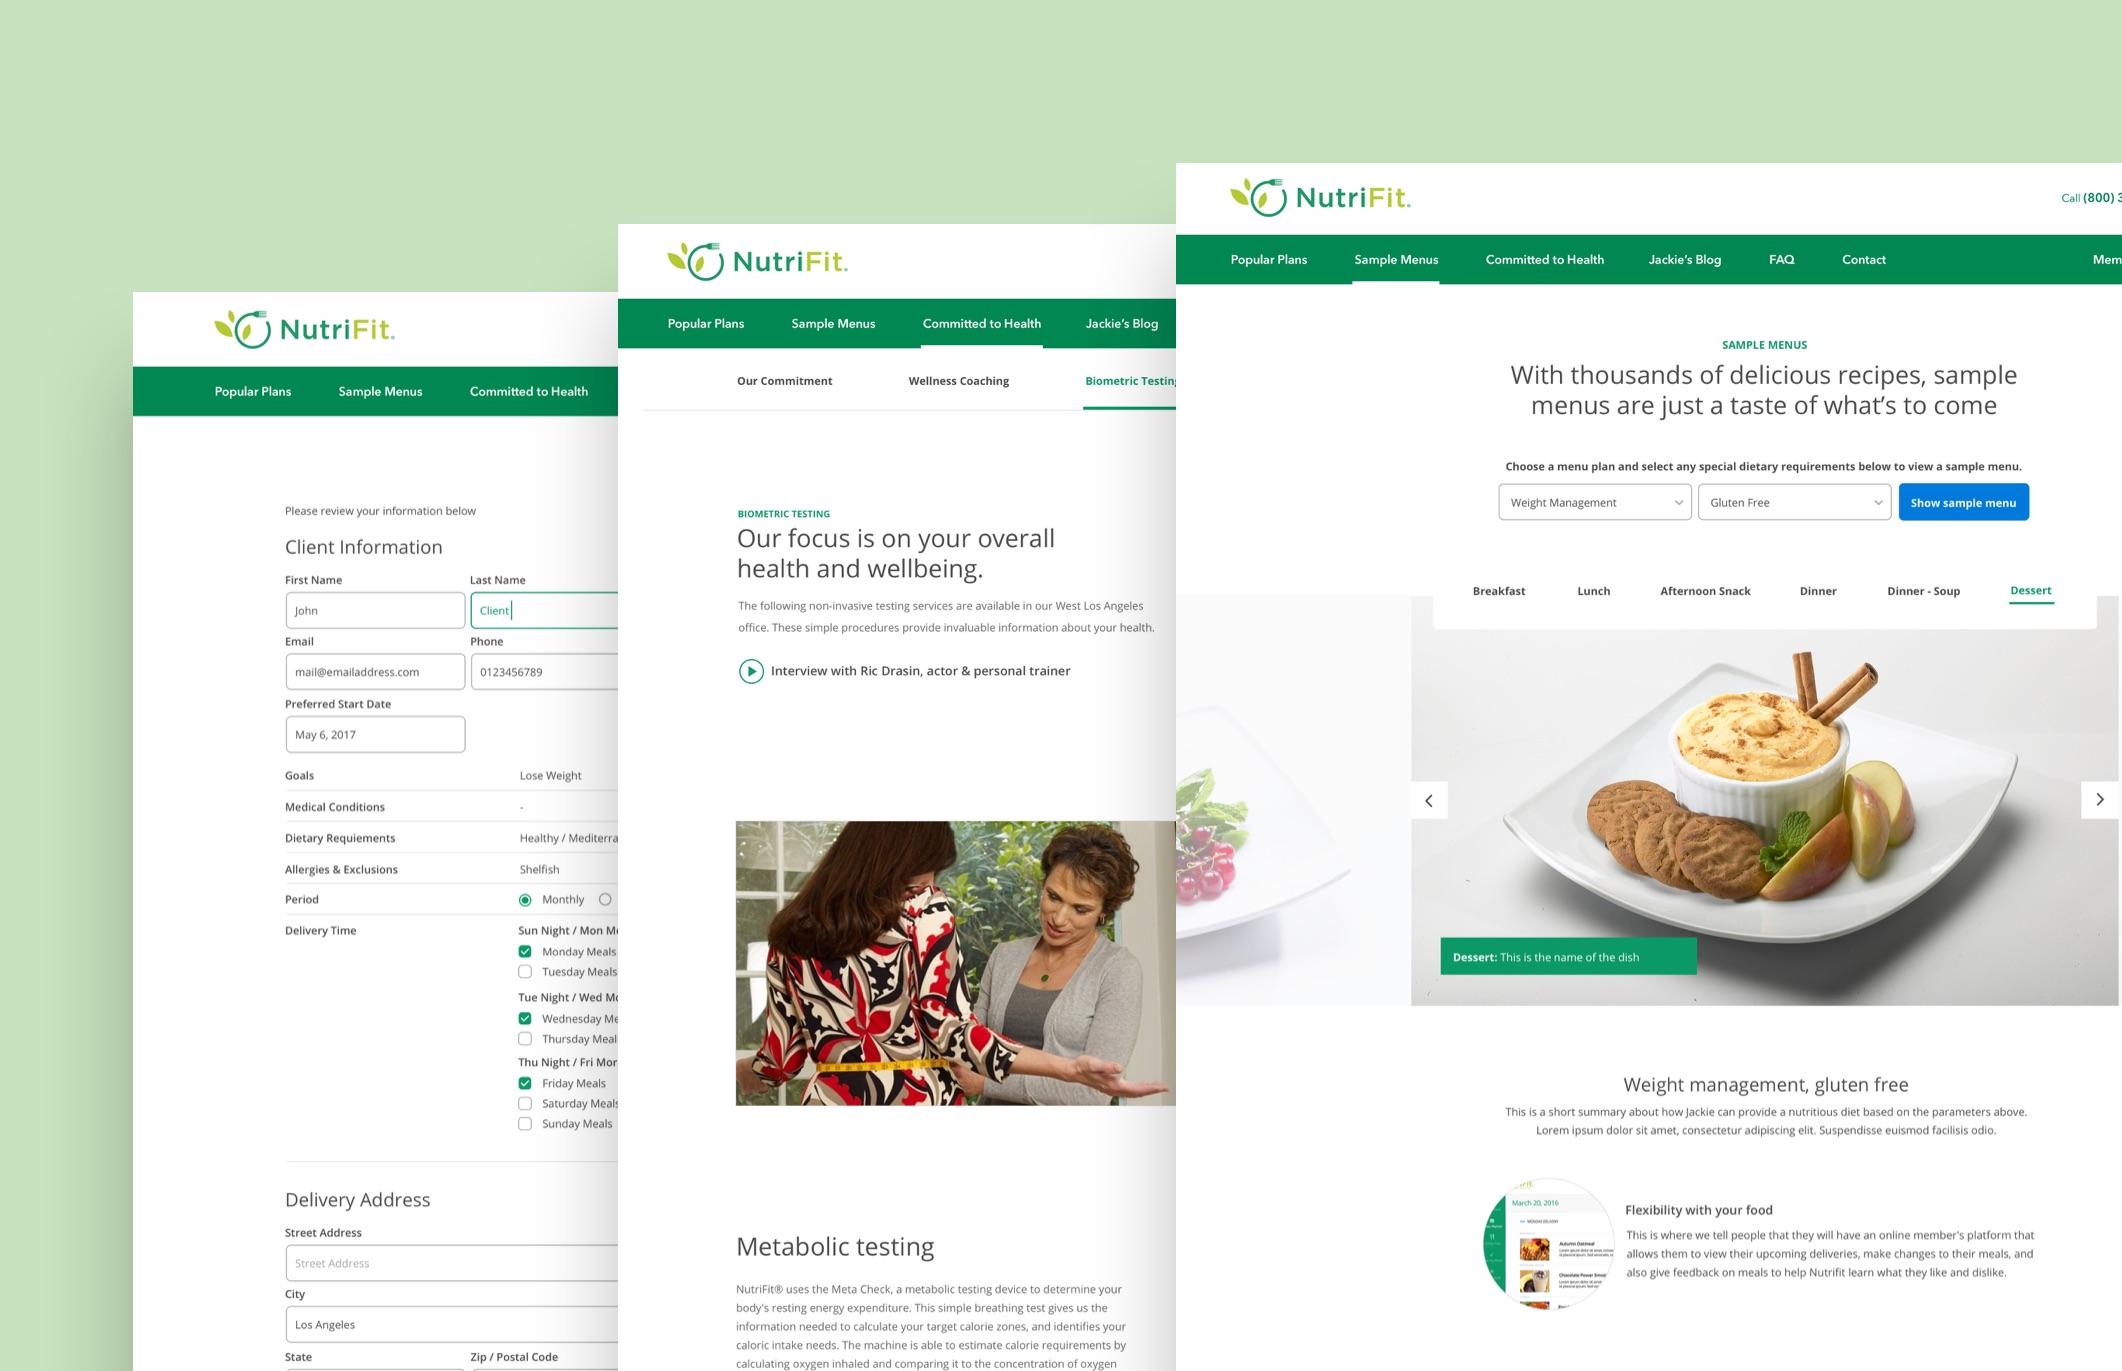 nutrifit-website-pages@2X